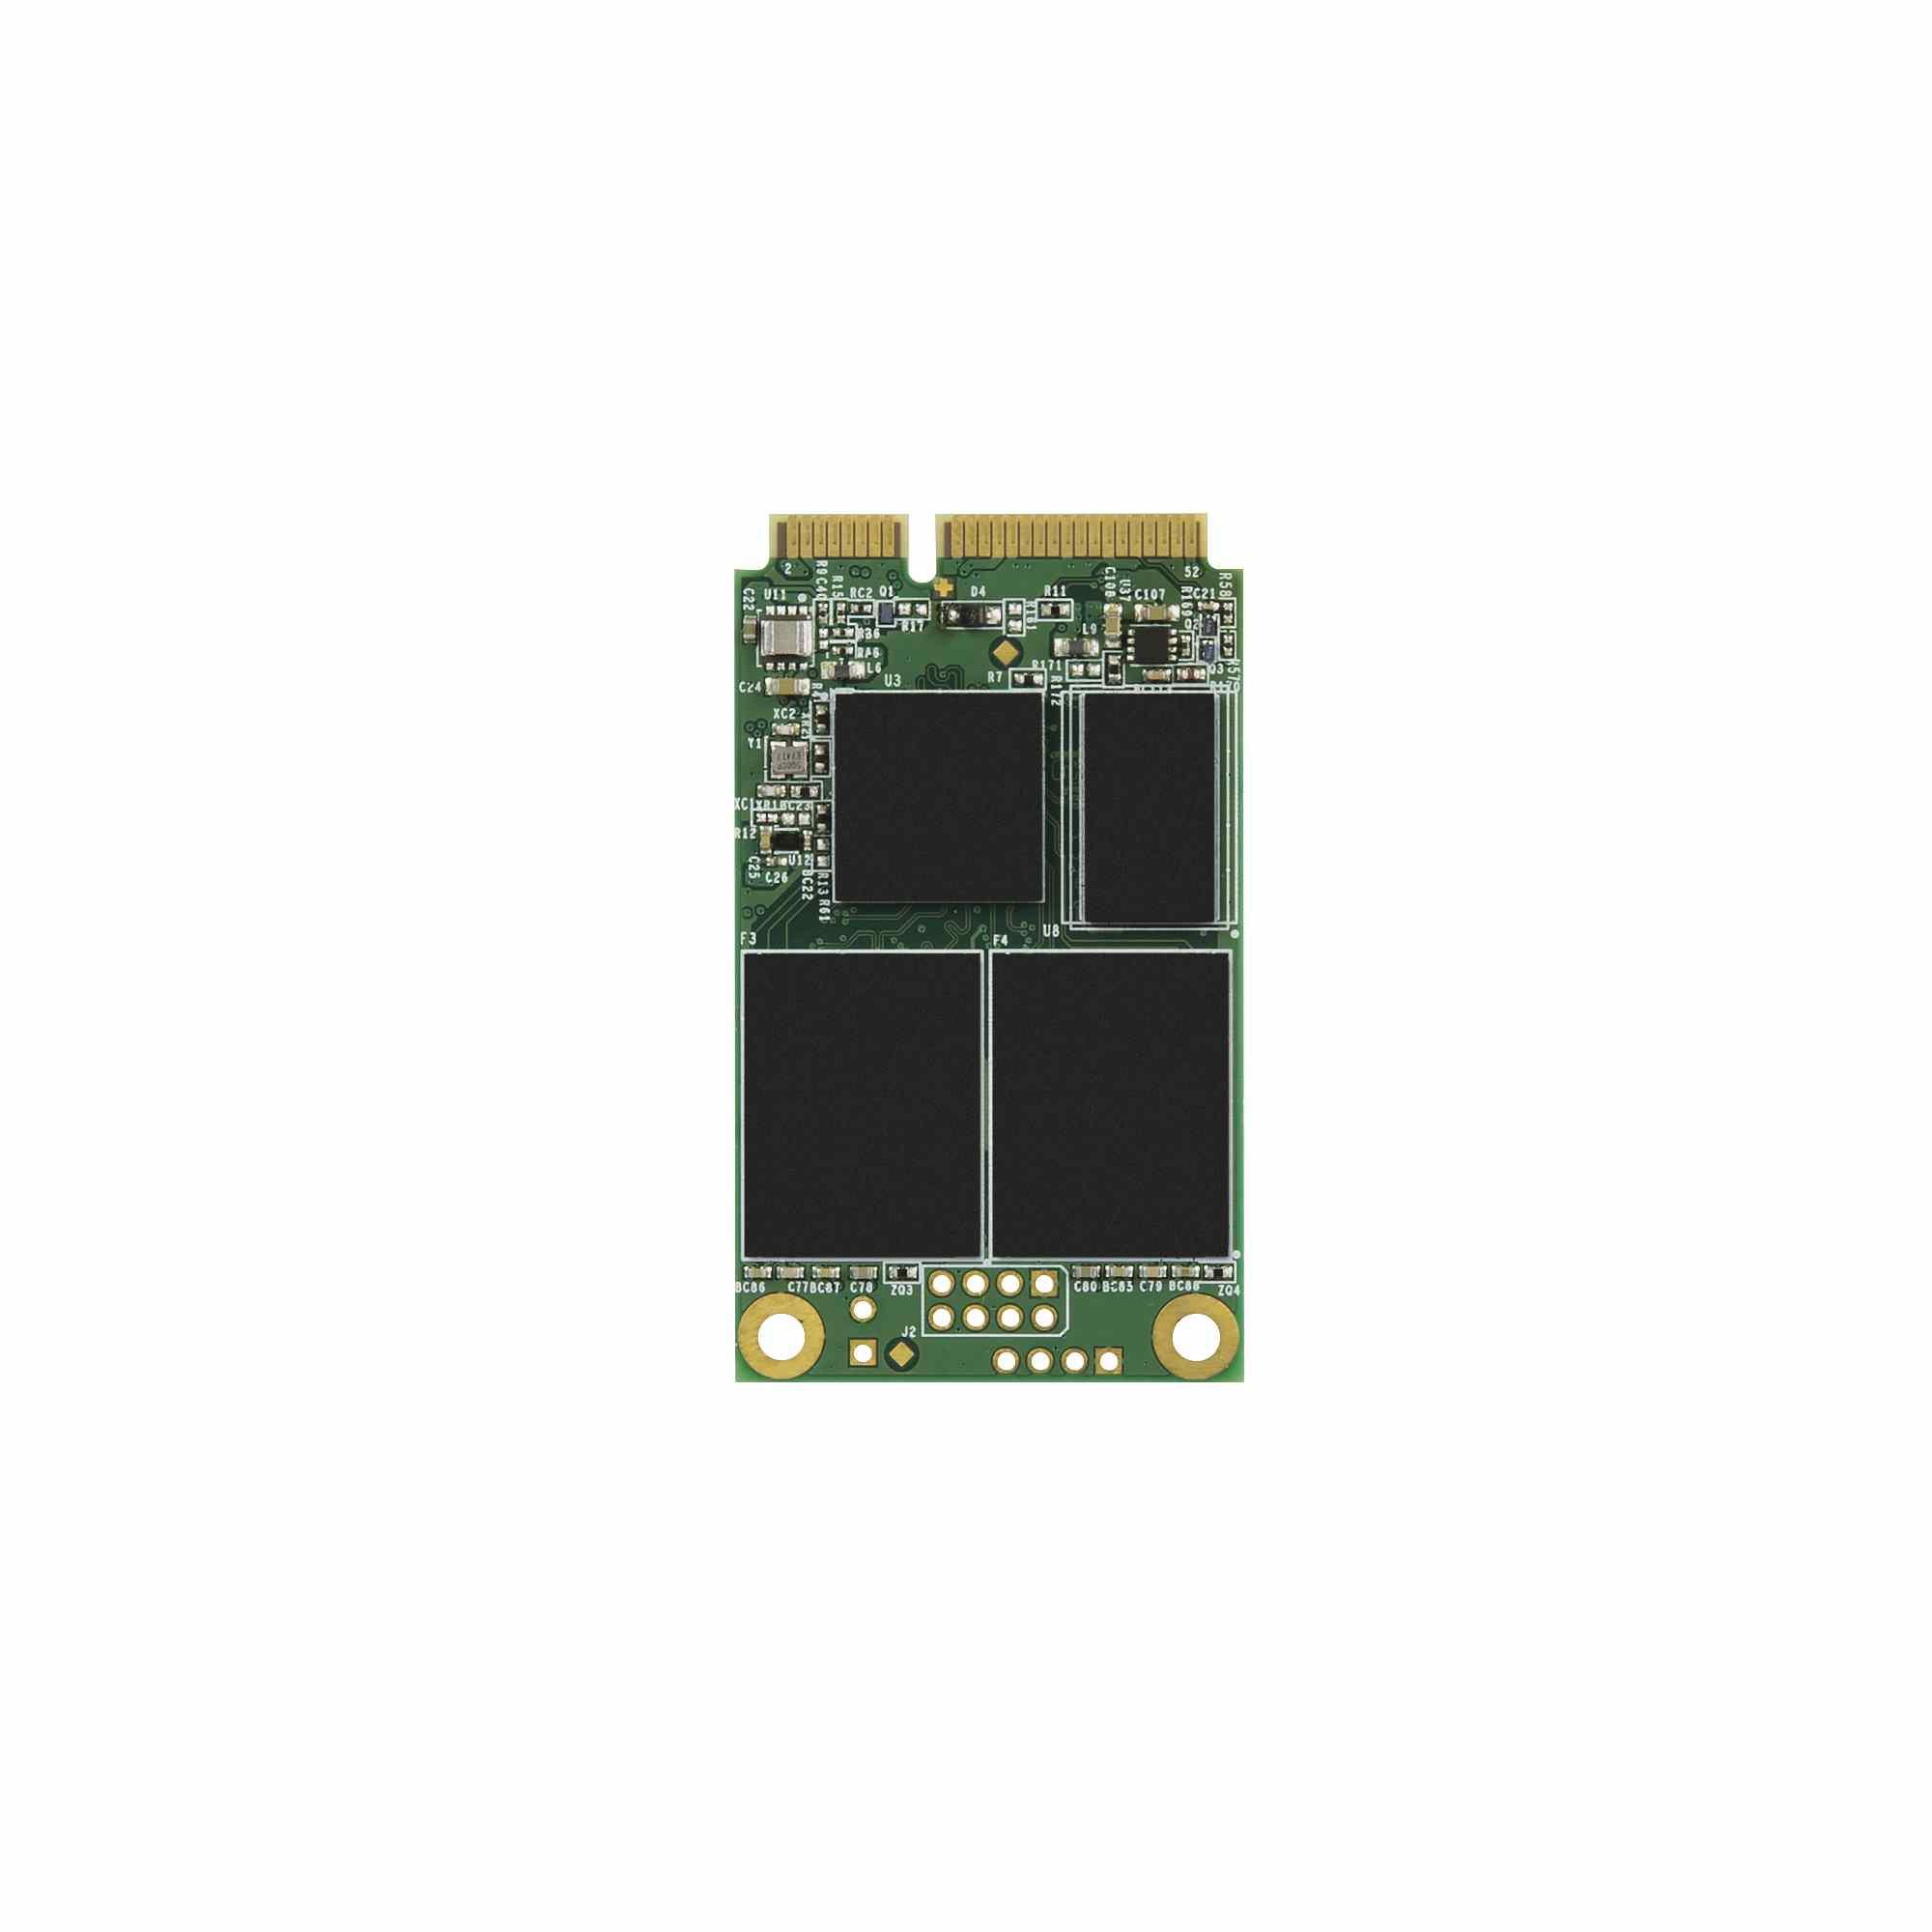 TRANSCEND Industrial SSD MSA230S, 128GB, mSATA, SATA III, 3D TLC